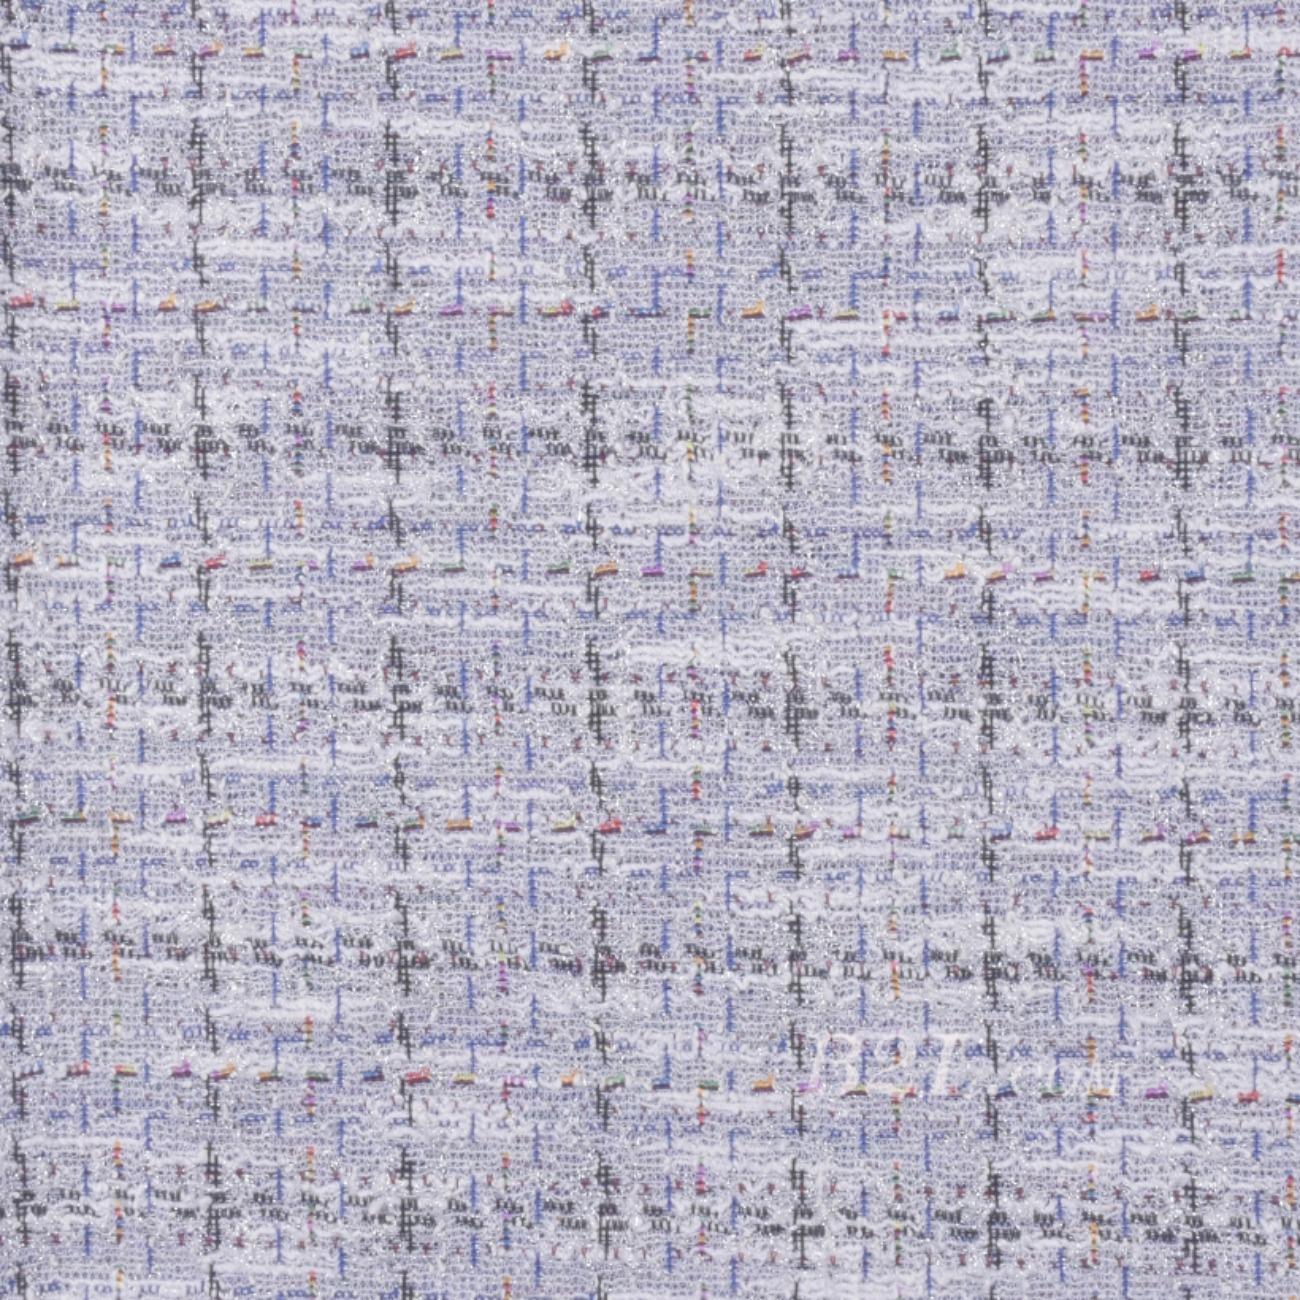 毛纺 针织 染色 格子 低弹 香奈儿风 小香风 秋冬 大衣 女装 时装  90729-11